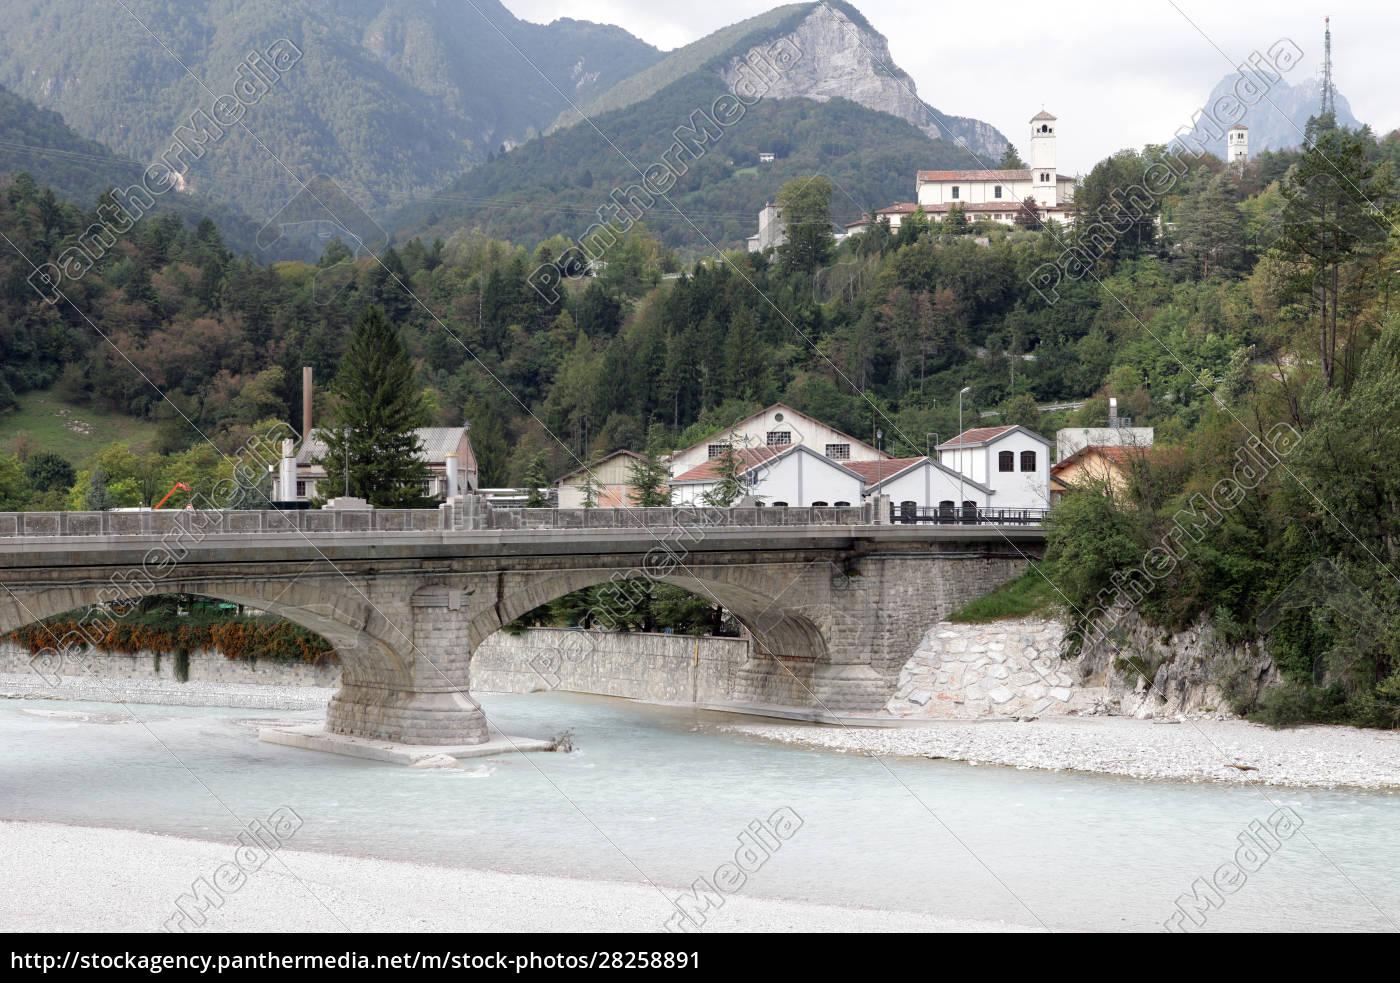 the, bridge, on, the, river, fella - 28258891